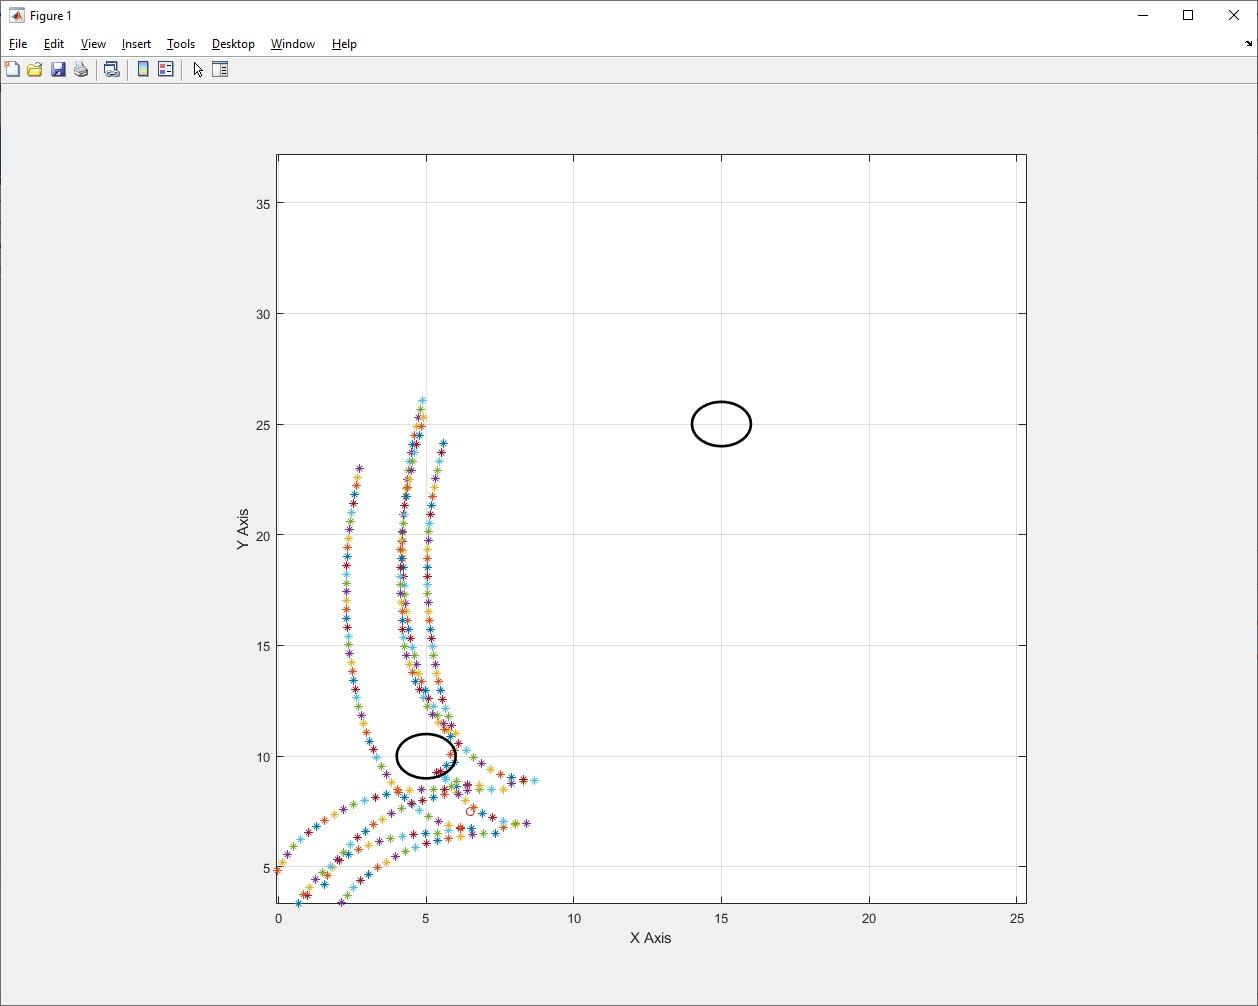 Формирование строя МРТС и траектории моделирования движения группы в различной помеховой обстановке в 3д